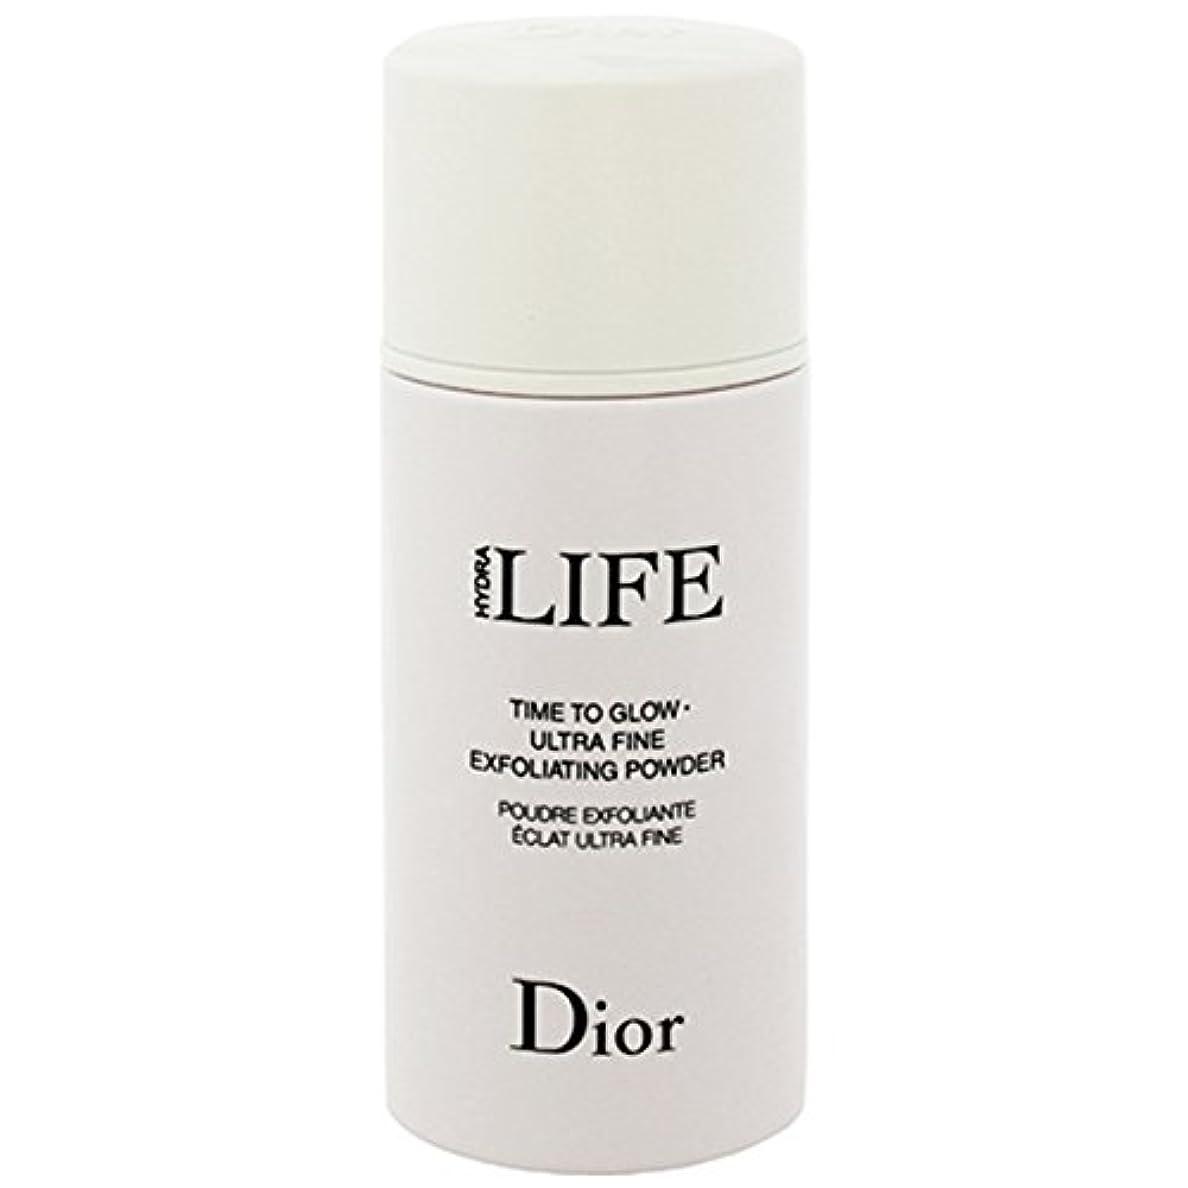 ミルク日常的にラビリンスクリスチャンディオール Christian Dior ライフ ポリッシュ パウダー 40g 【並行輸入品】